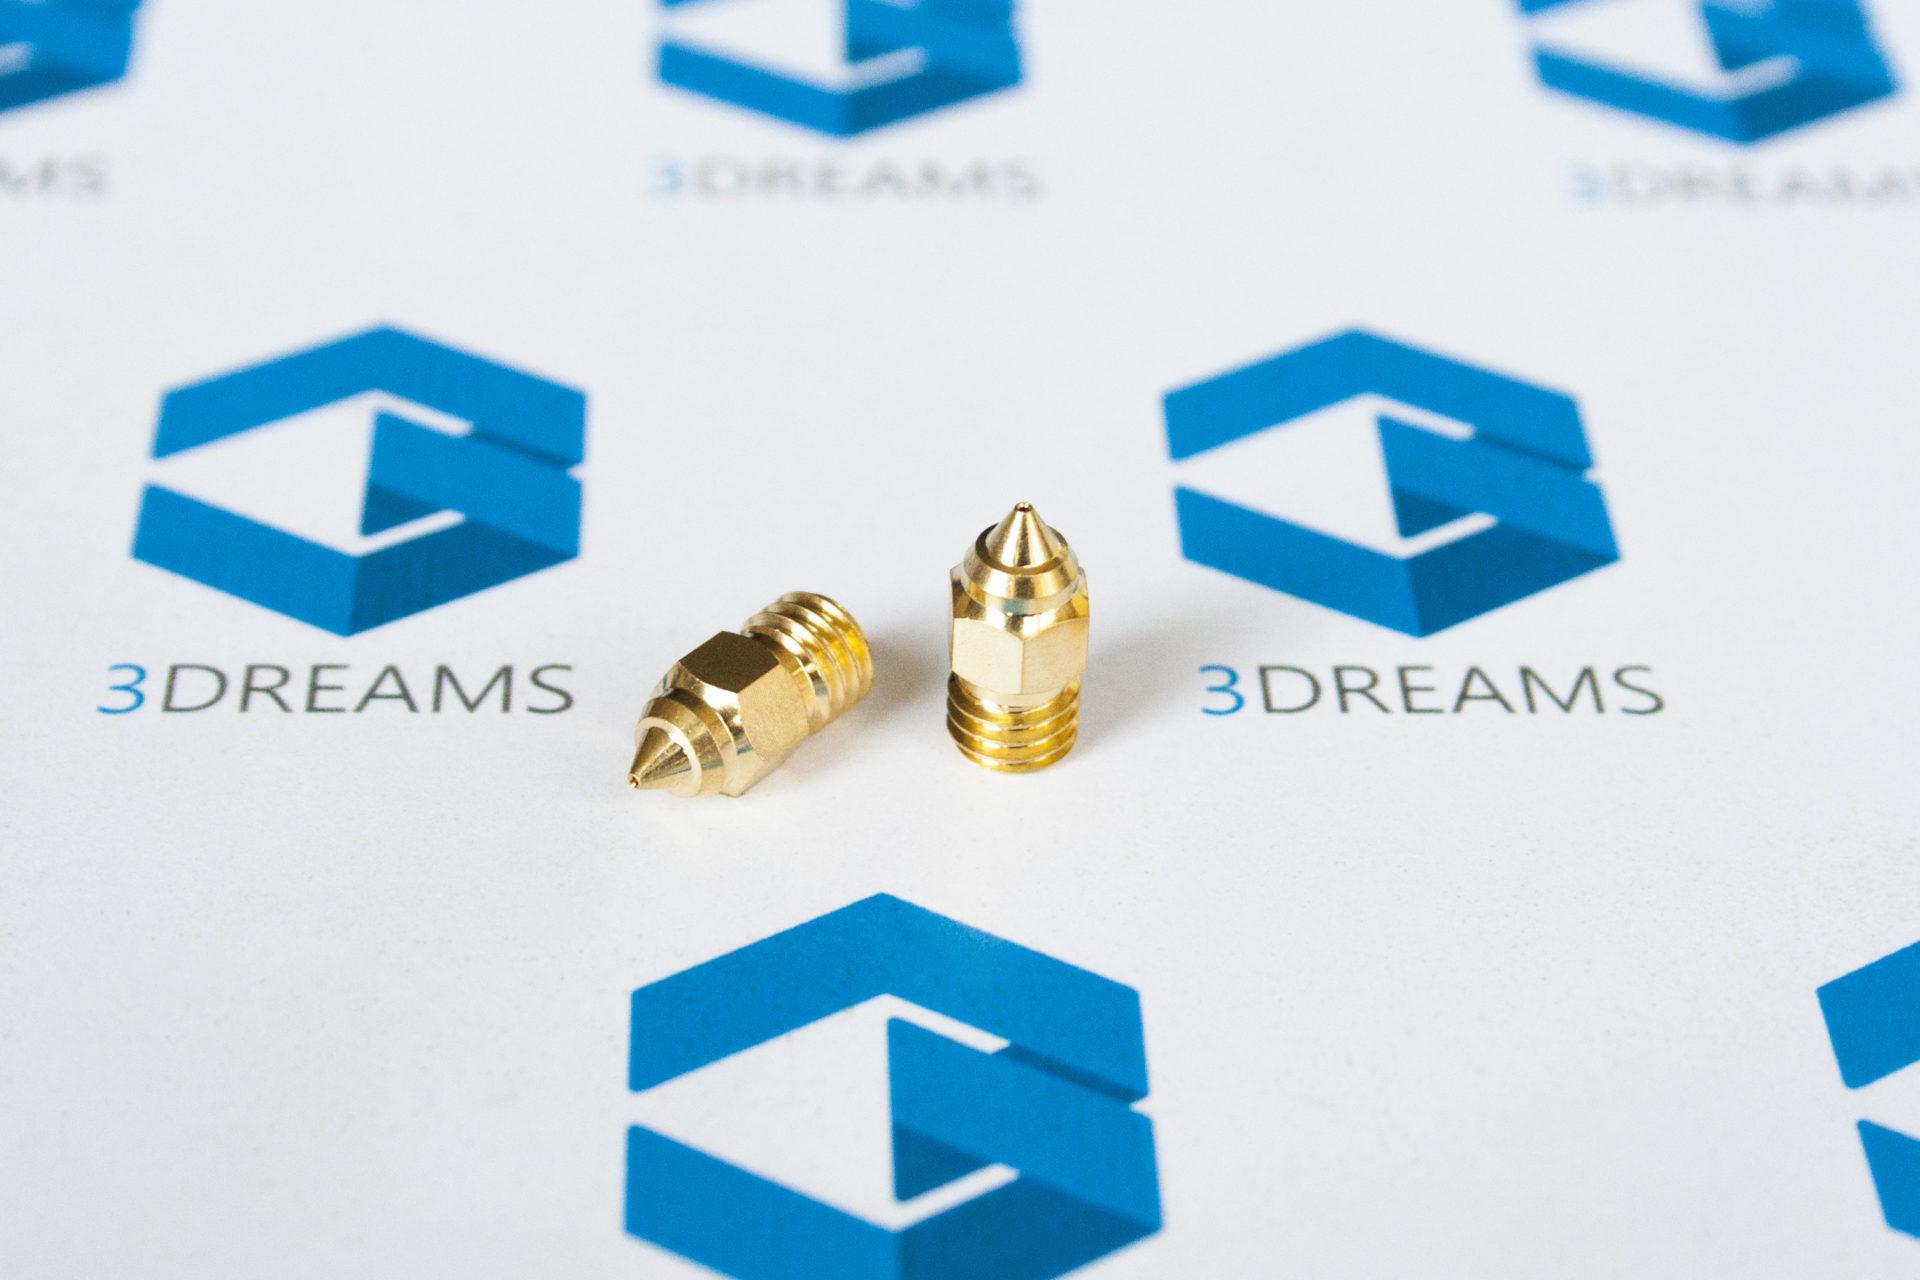 Сопло для 3D принтера Creality CR-200B купить киев харьков одесса львов днепр запорожье 1